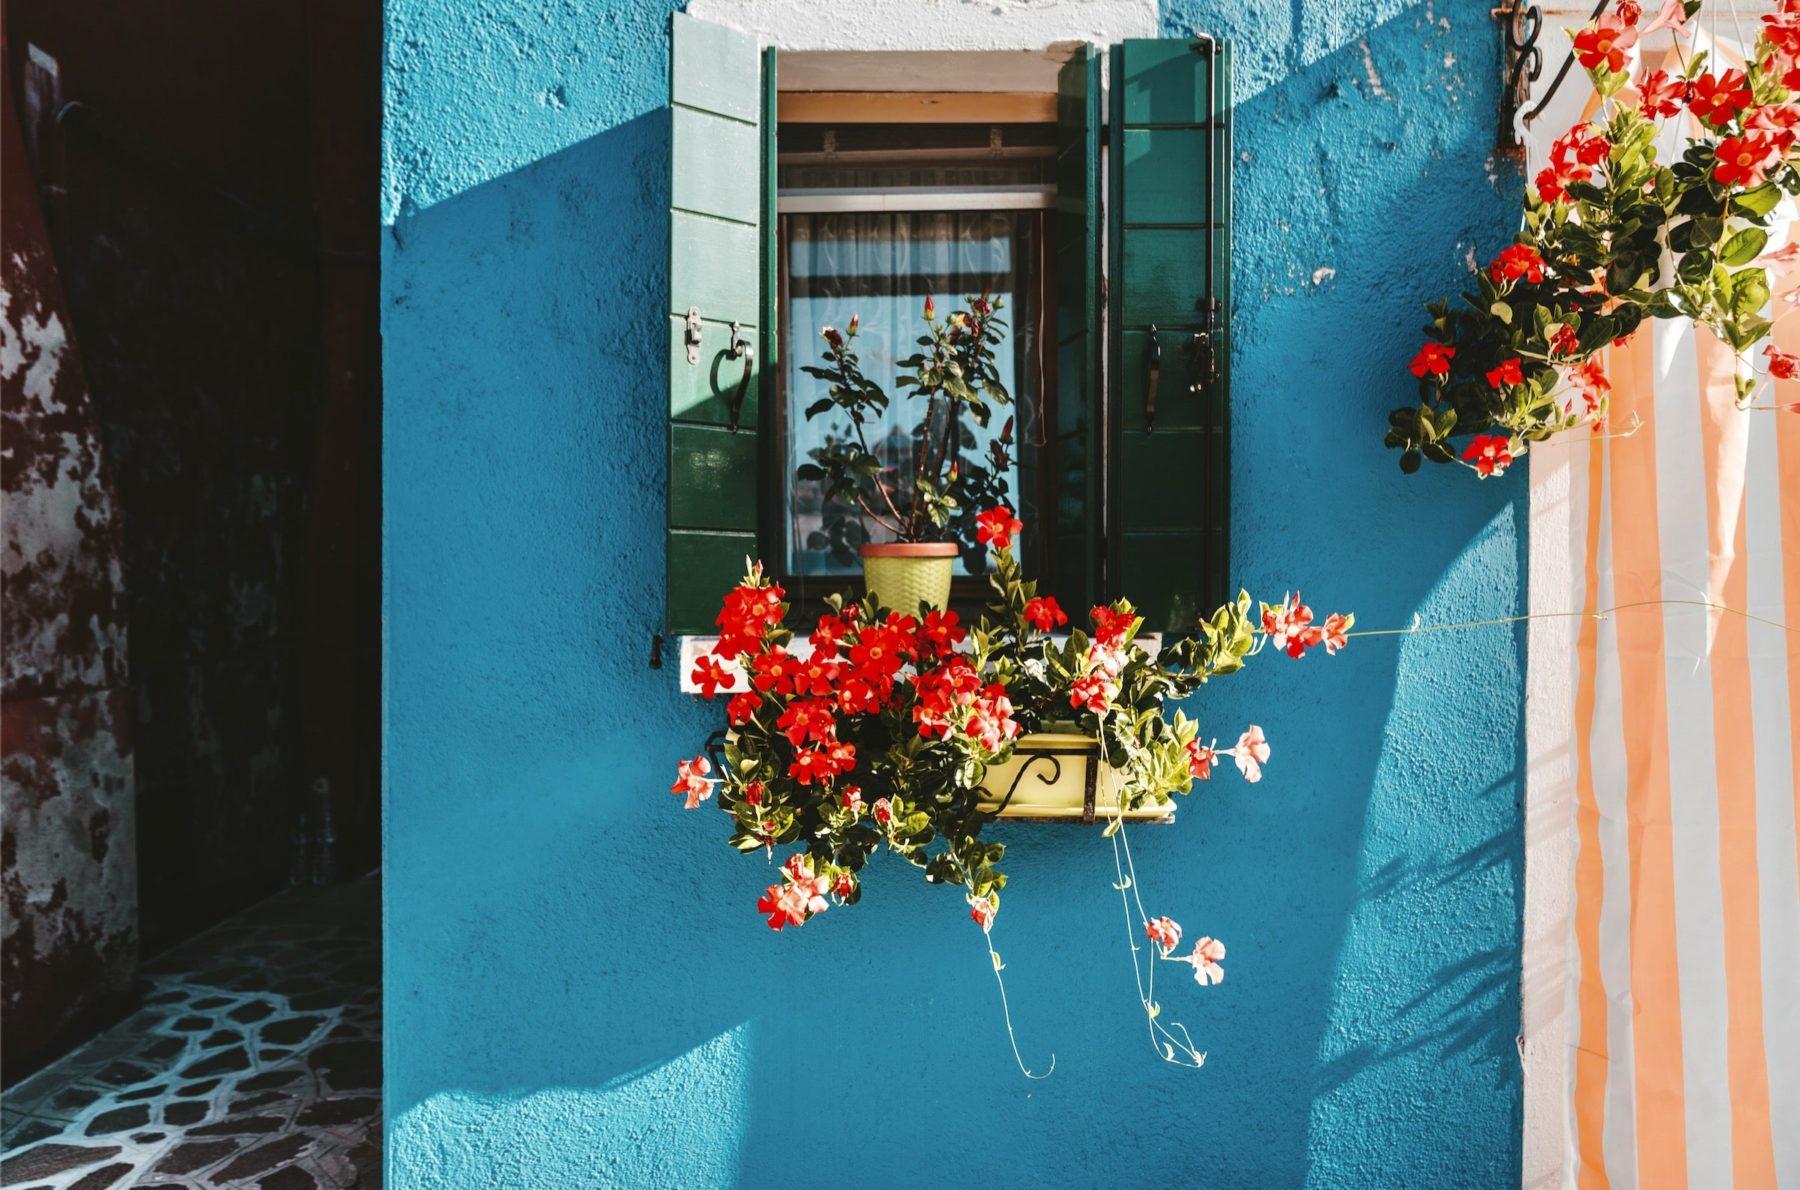 Je végétalise mon balcon ou mes rebords de fenêtres